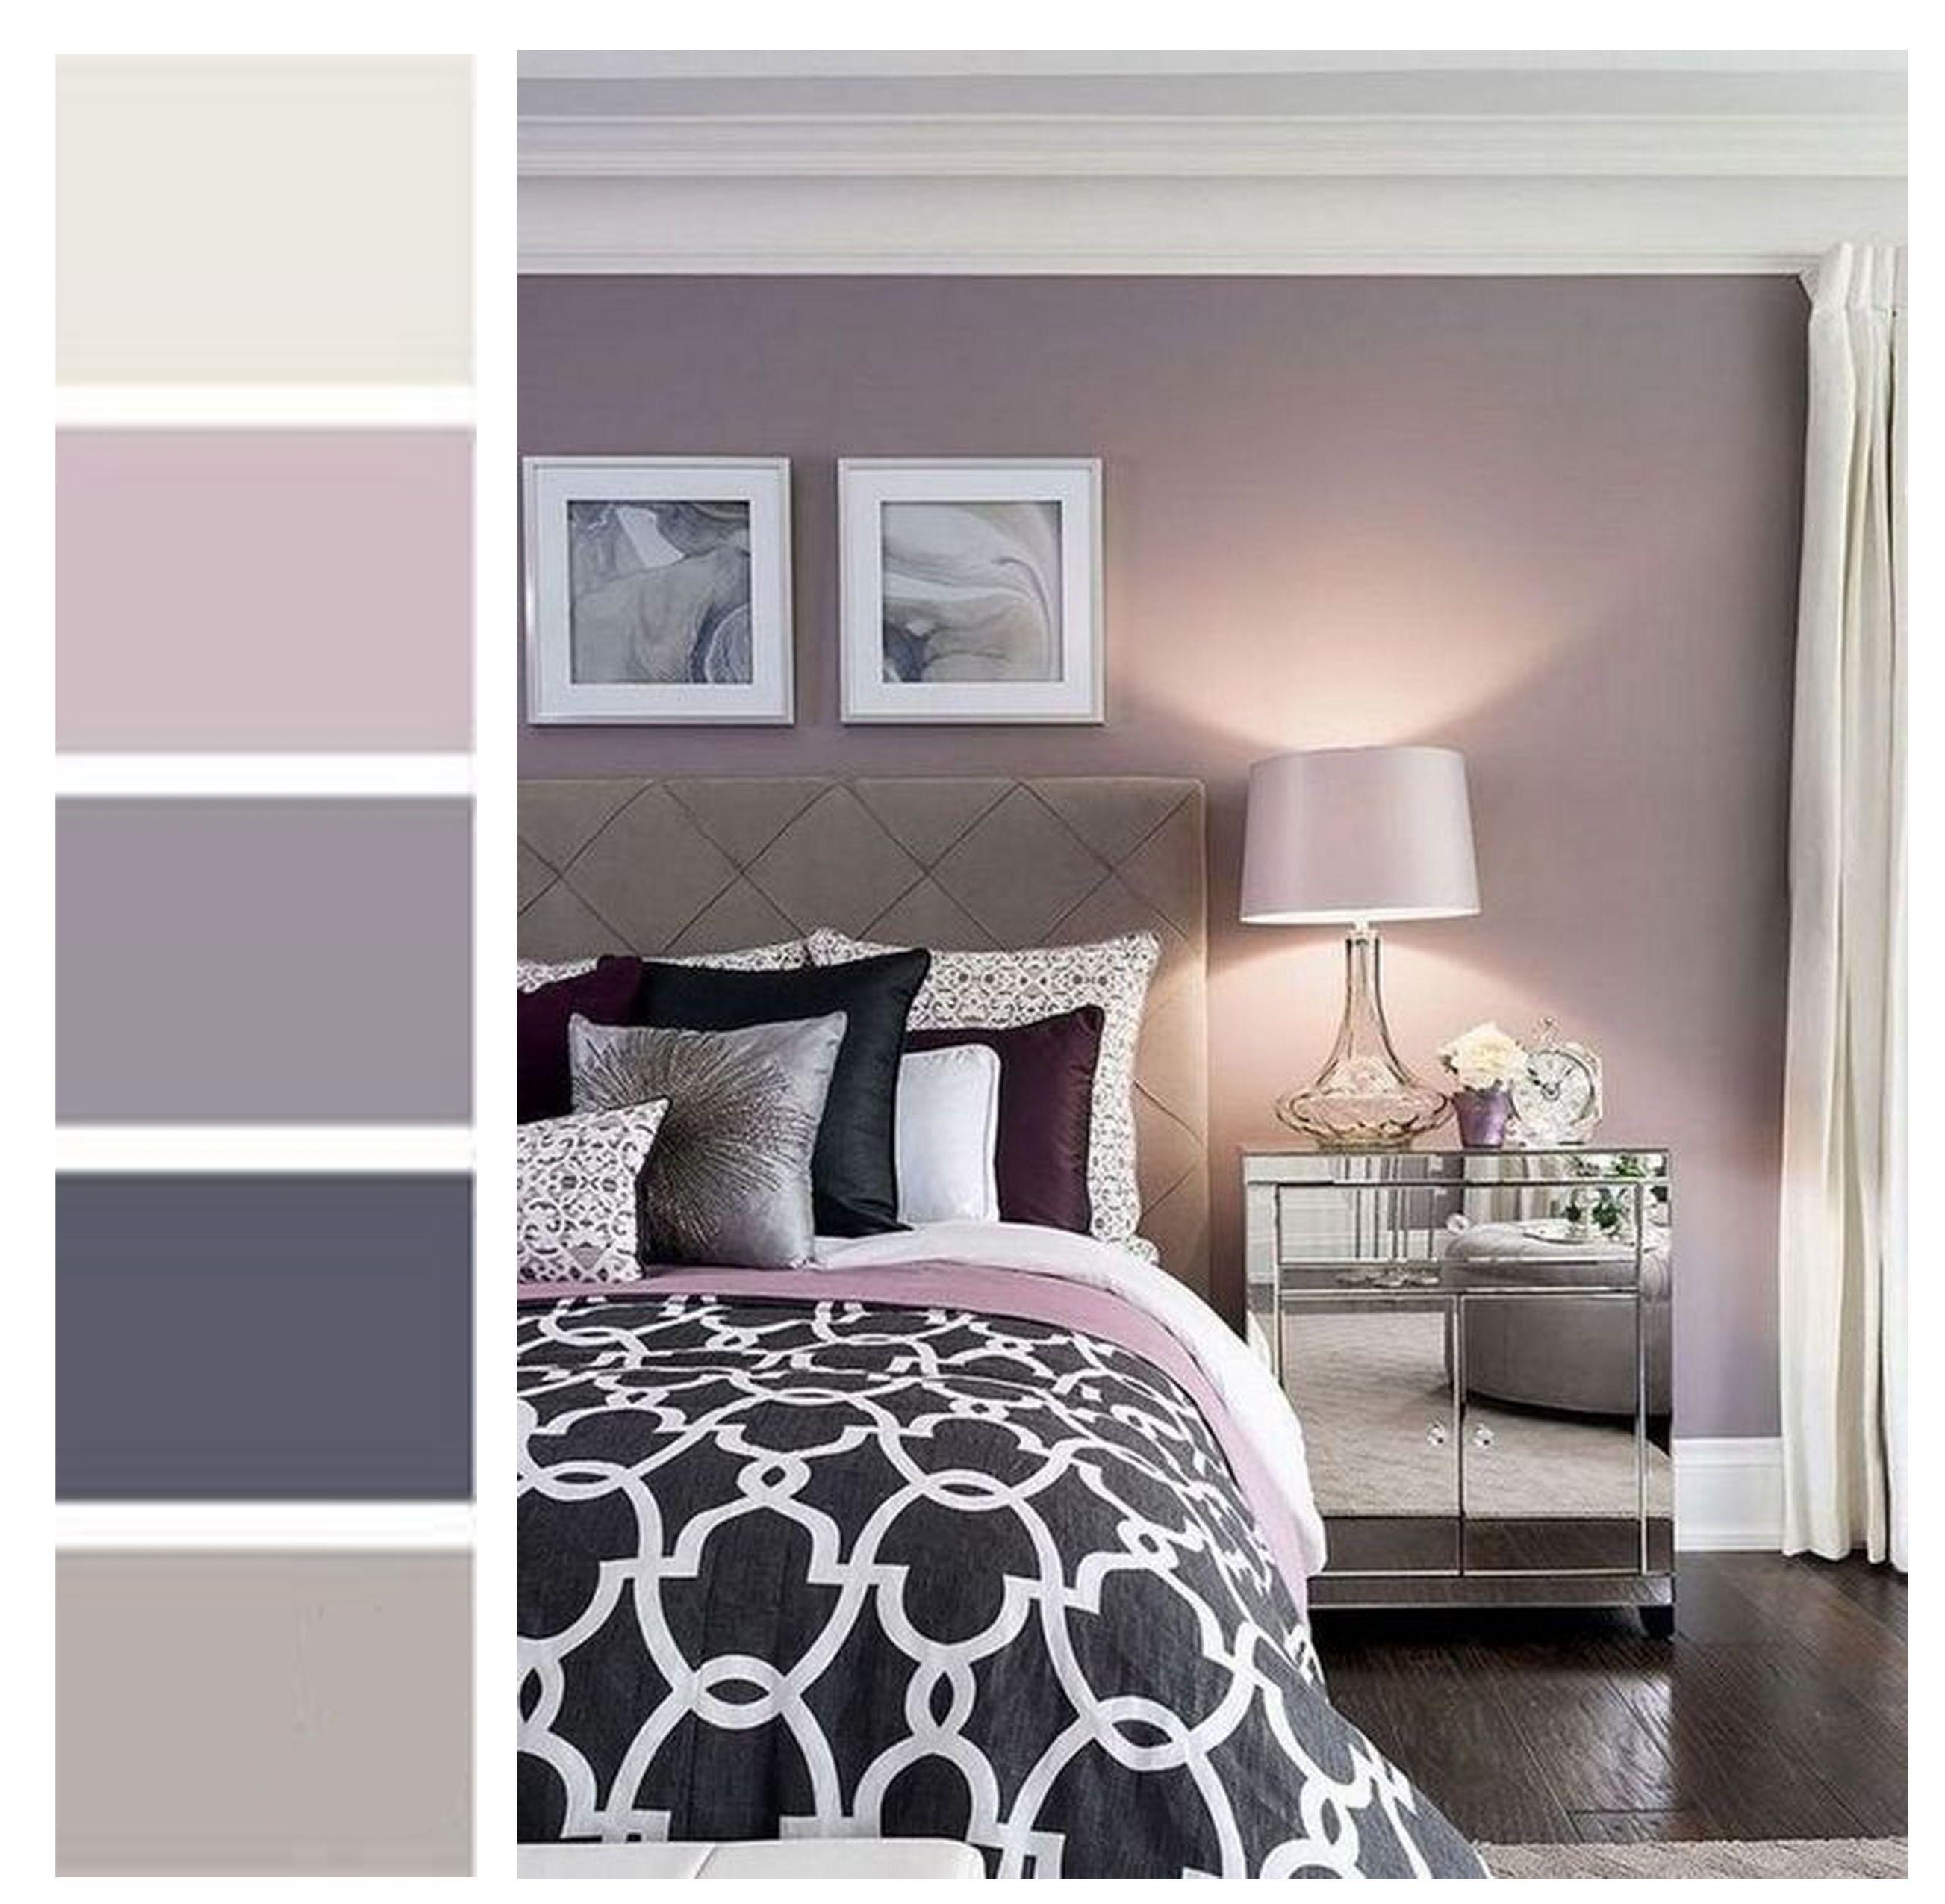 Asian Paints Combination Room Color Combination Wall Color Combination Living Room Wall Color